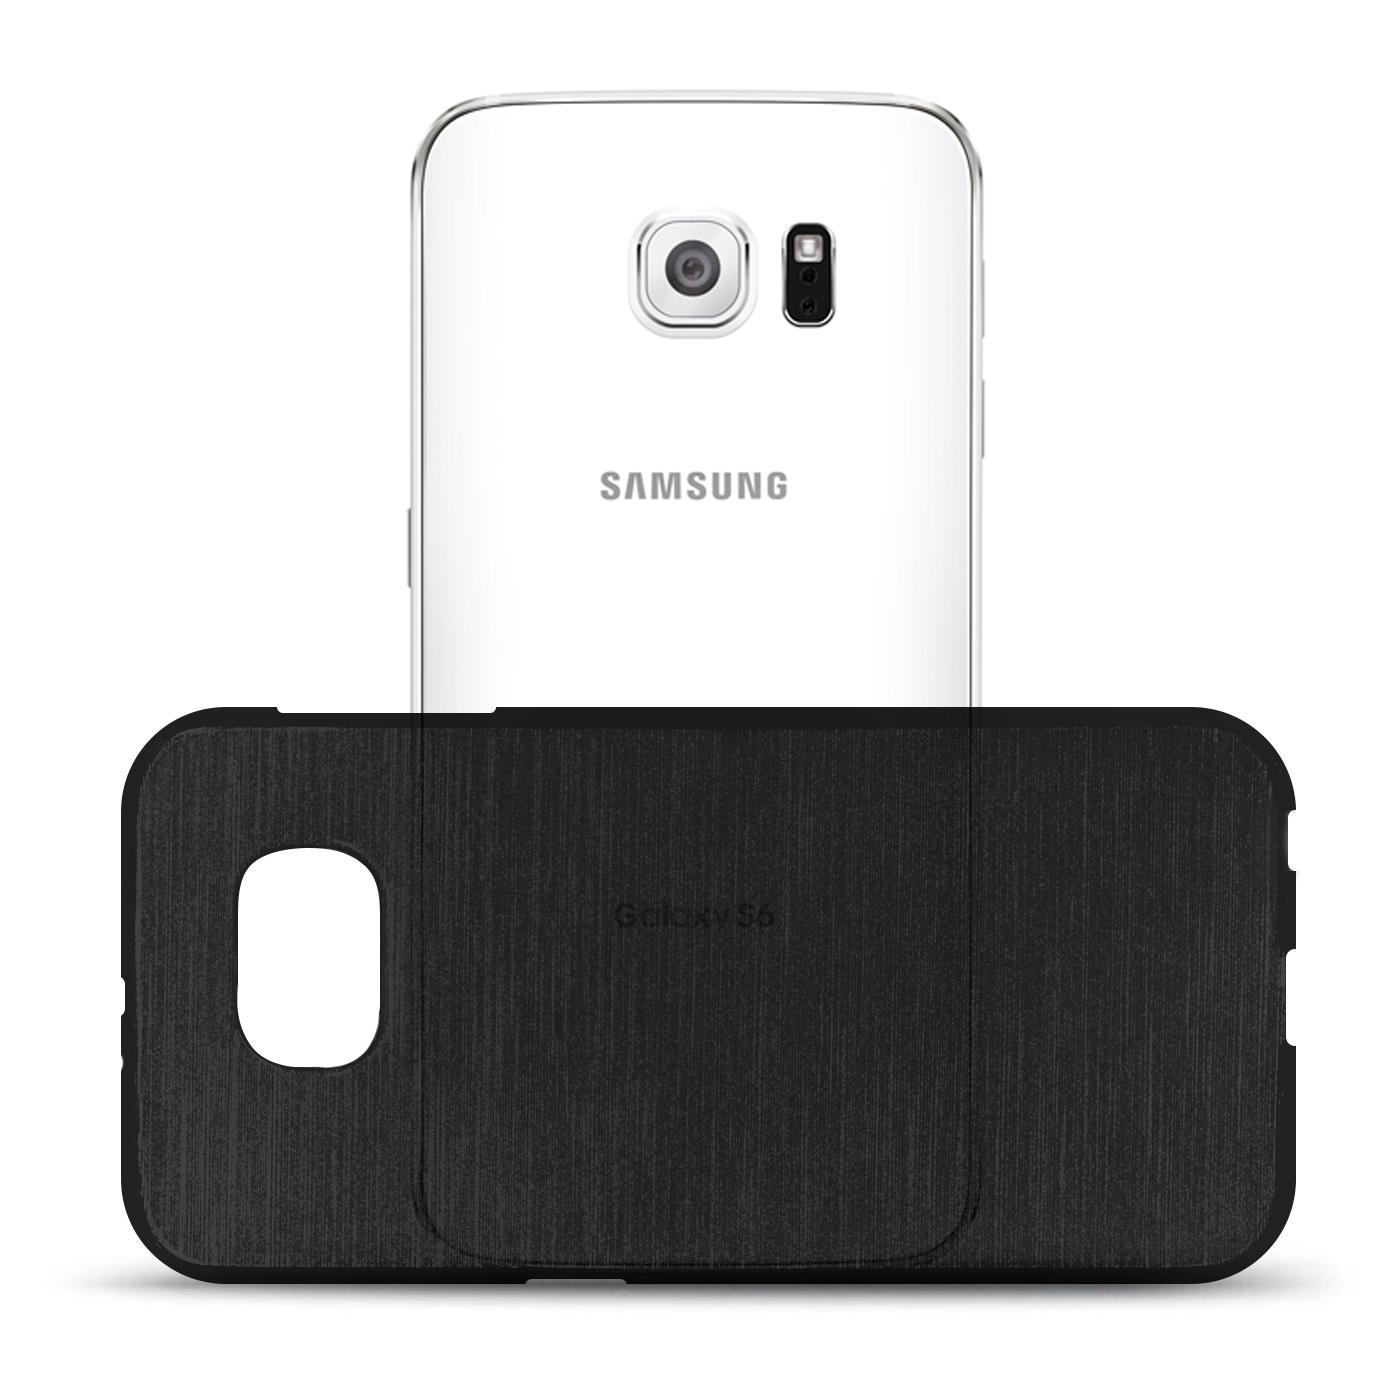 Silikon-Bumper-Case-fuer-Samsung-Galaxy-s6-duenne-ultra-slim-Stossfeste-Rueckschale Indexbild 40